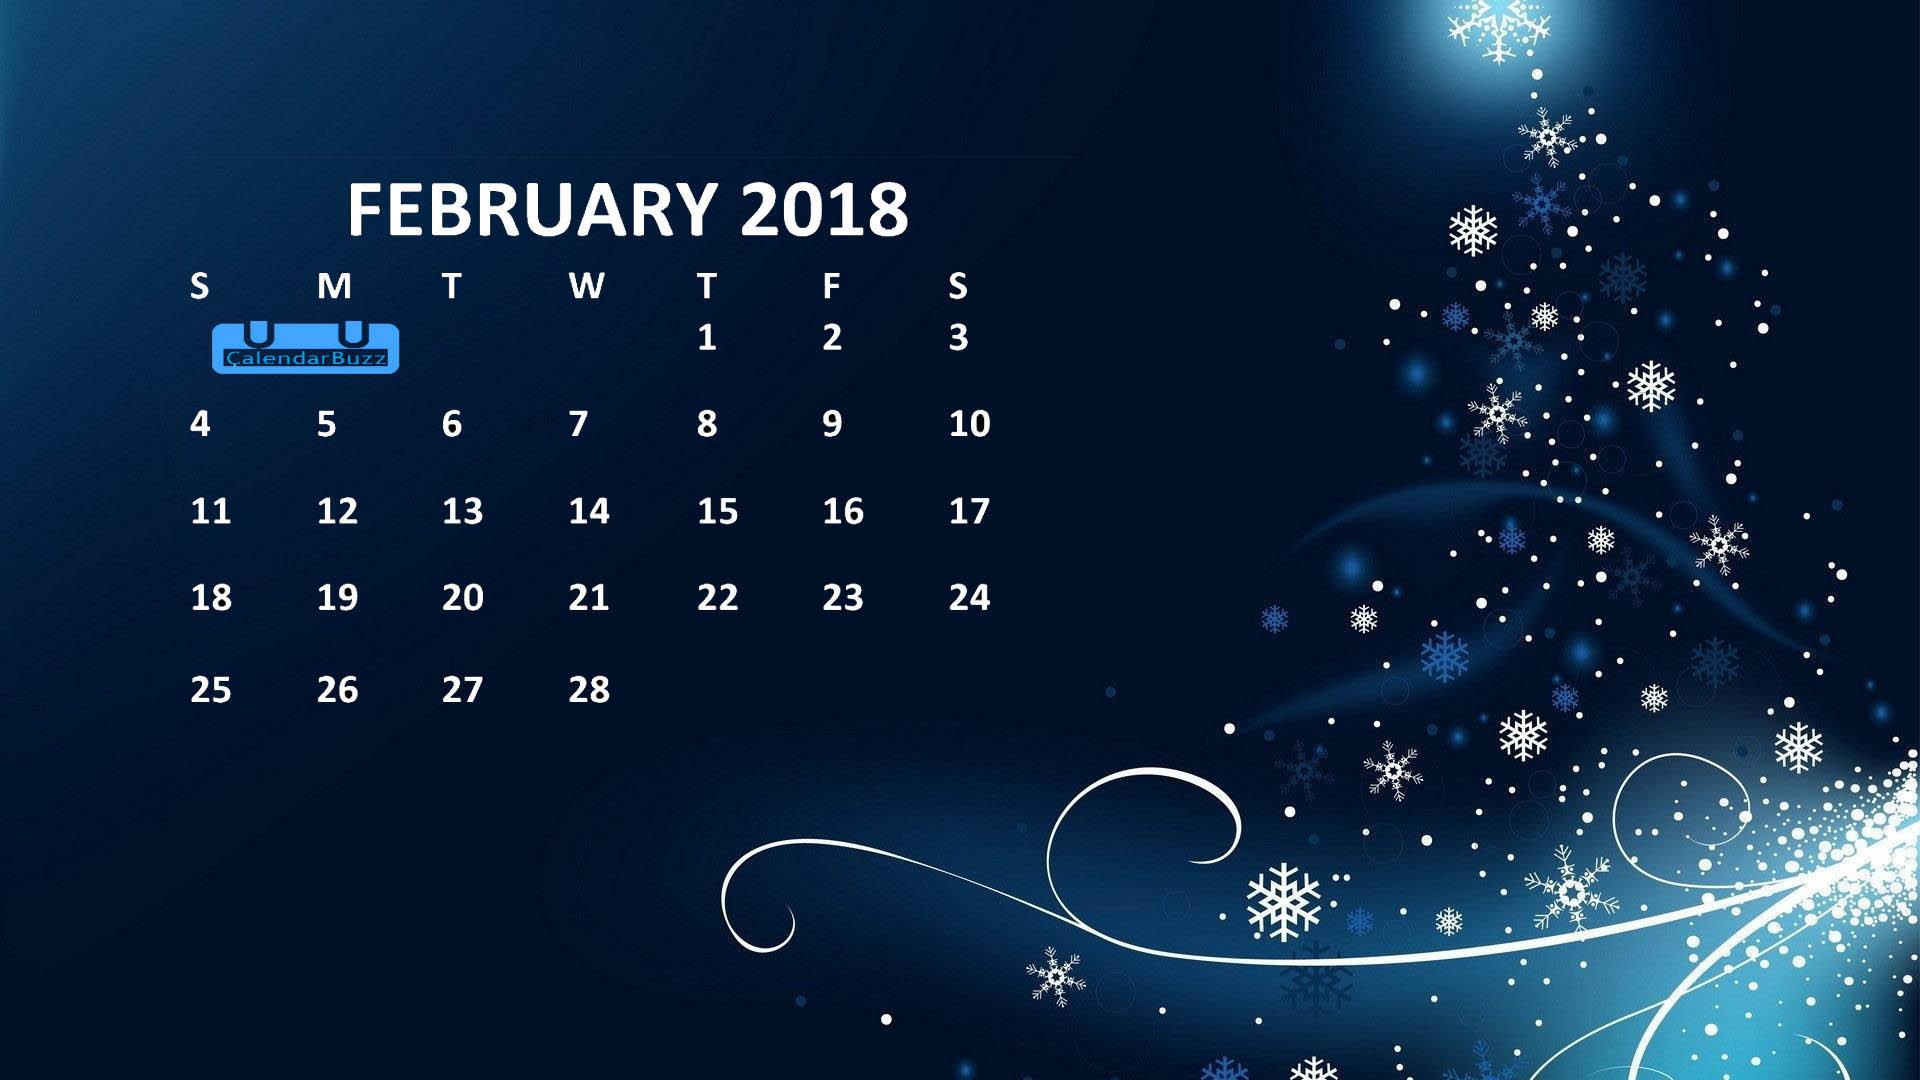 February 2018 Calendar Wallpaper Calendar Template 1920x1080